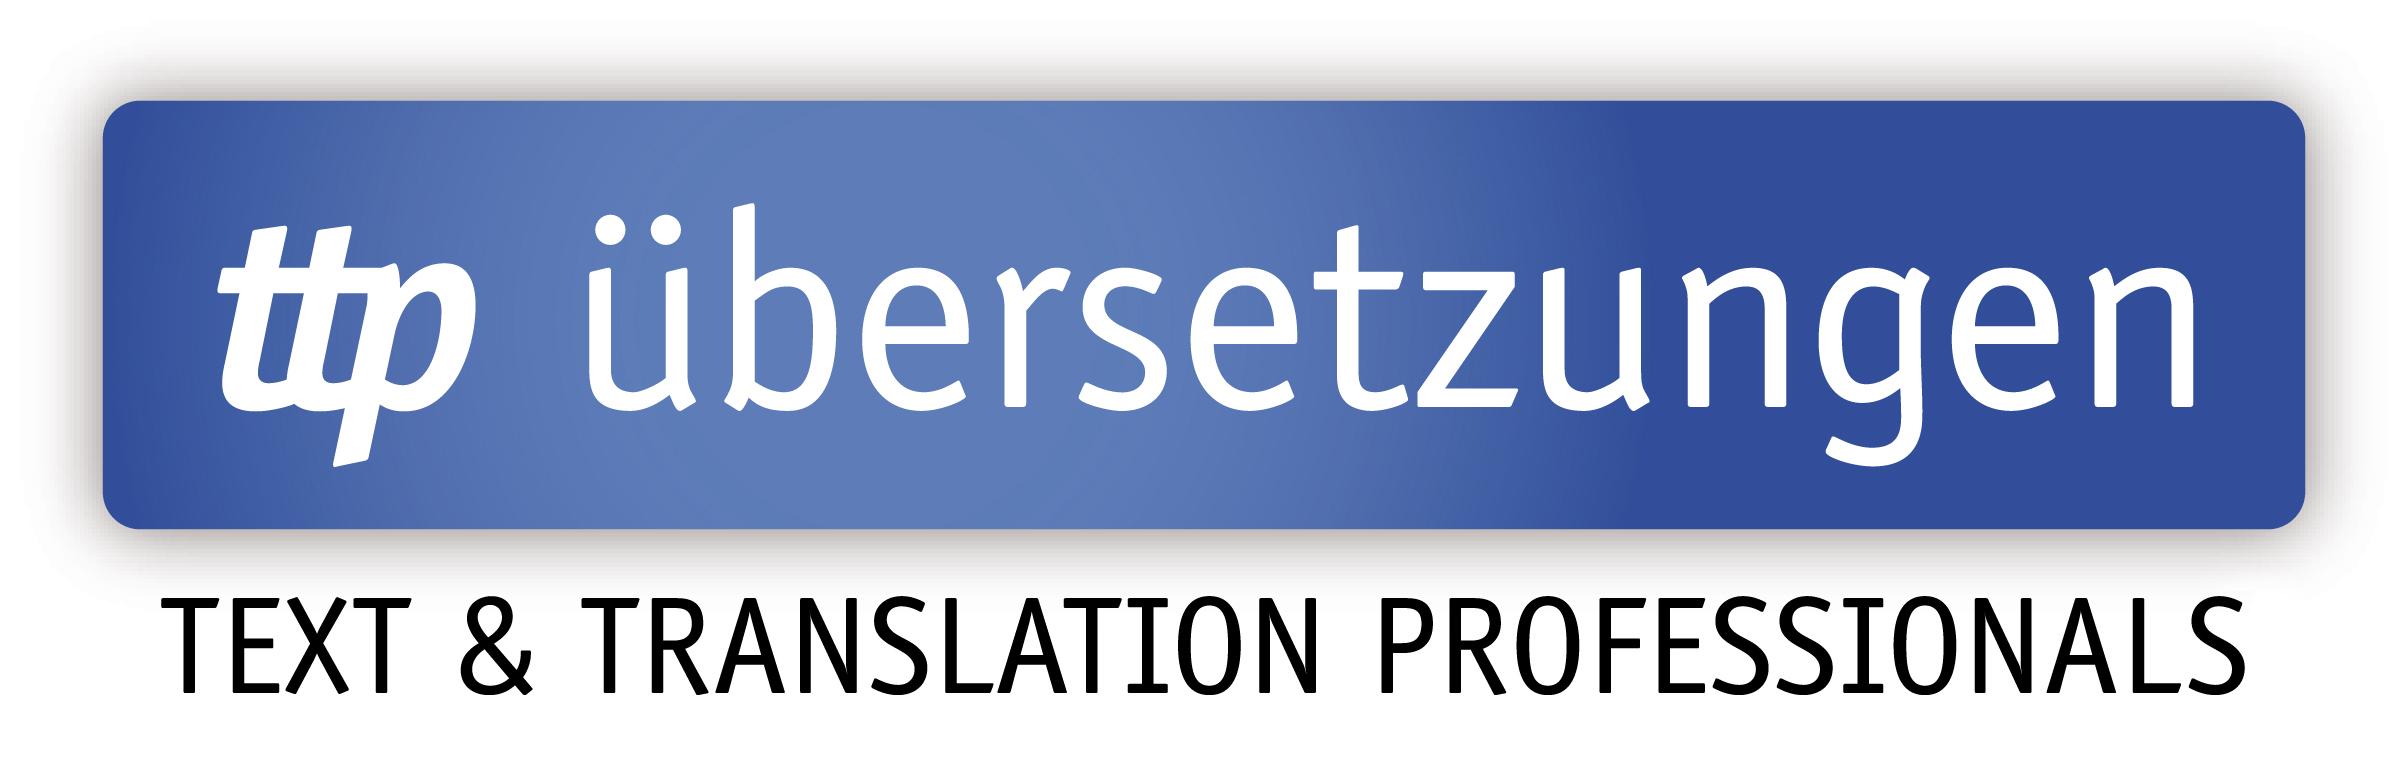 TTP Übersetzungen Paderborn - Jetzt ISO 17100:2015 zertifiziert